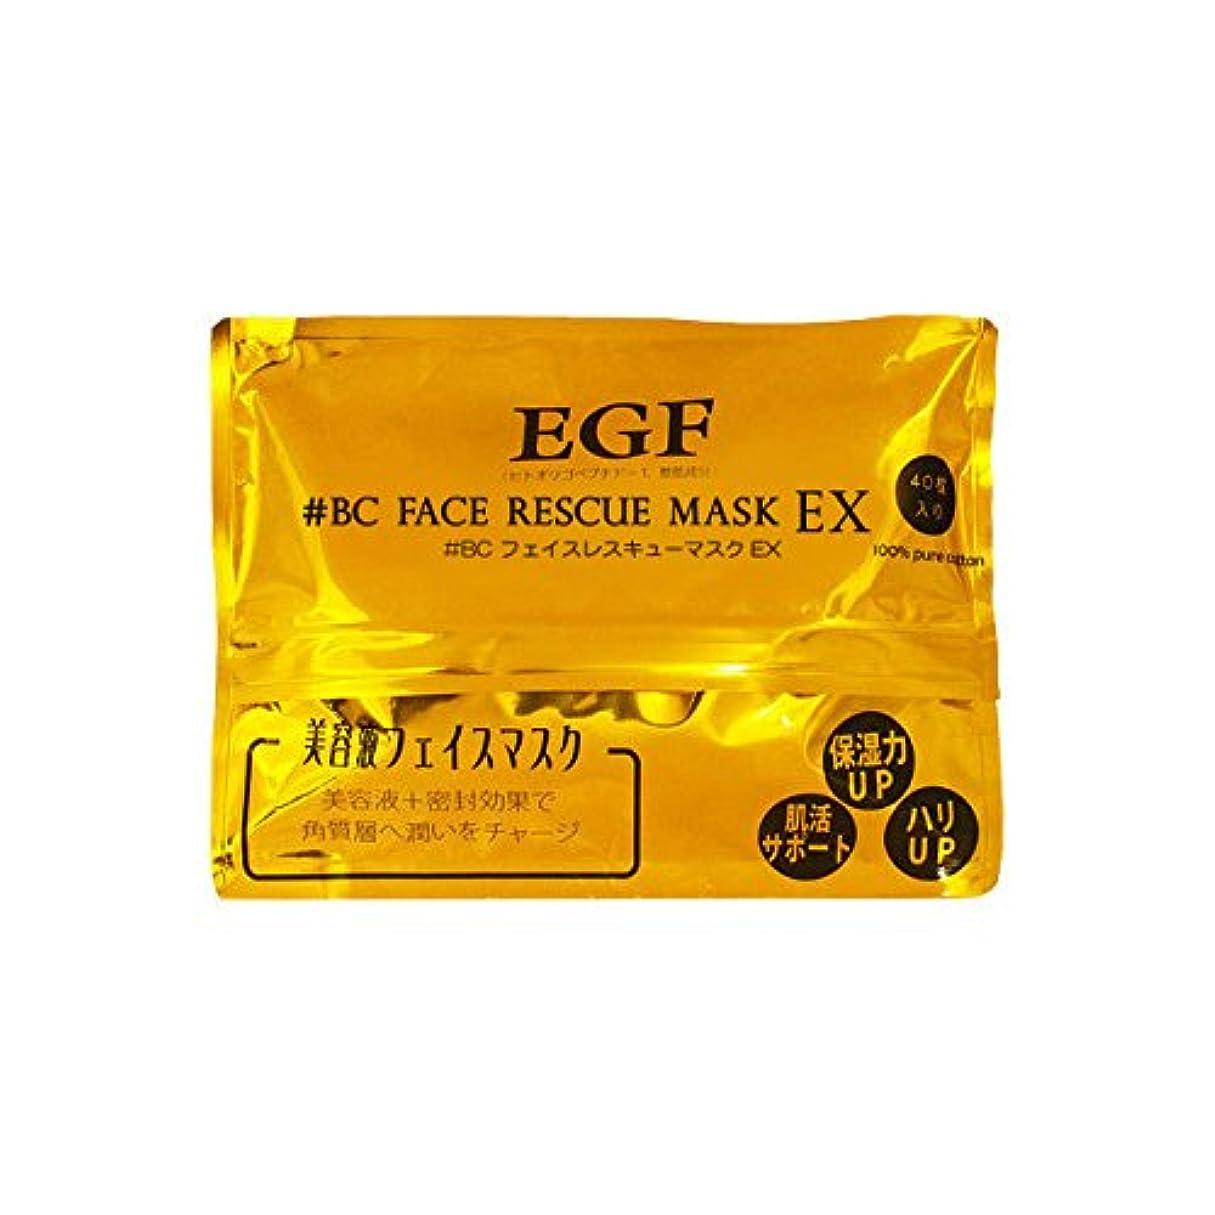 クレーンいつも内訳EGF フェイスレスキューマスク EX 40枚入り